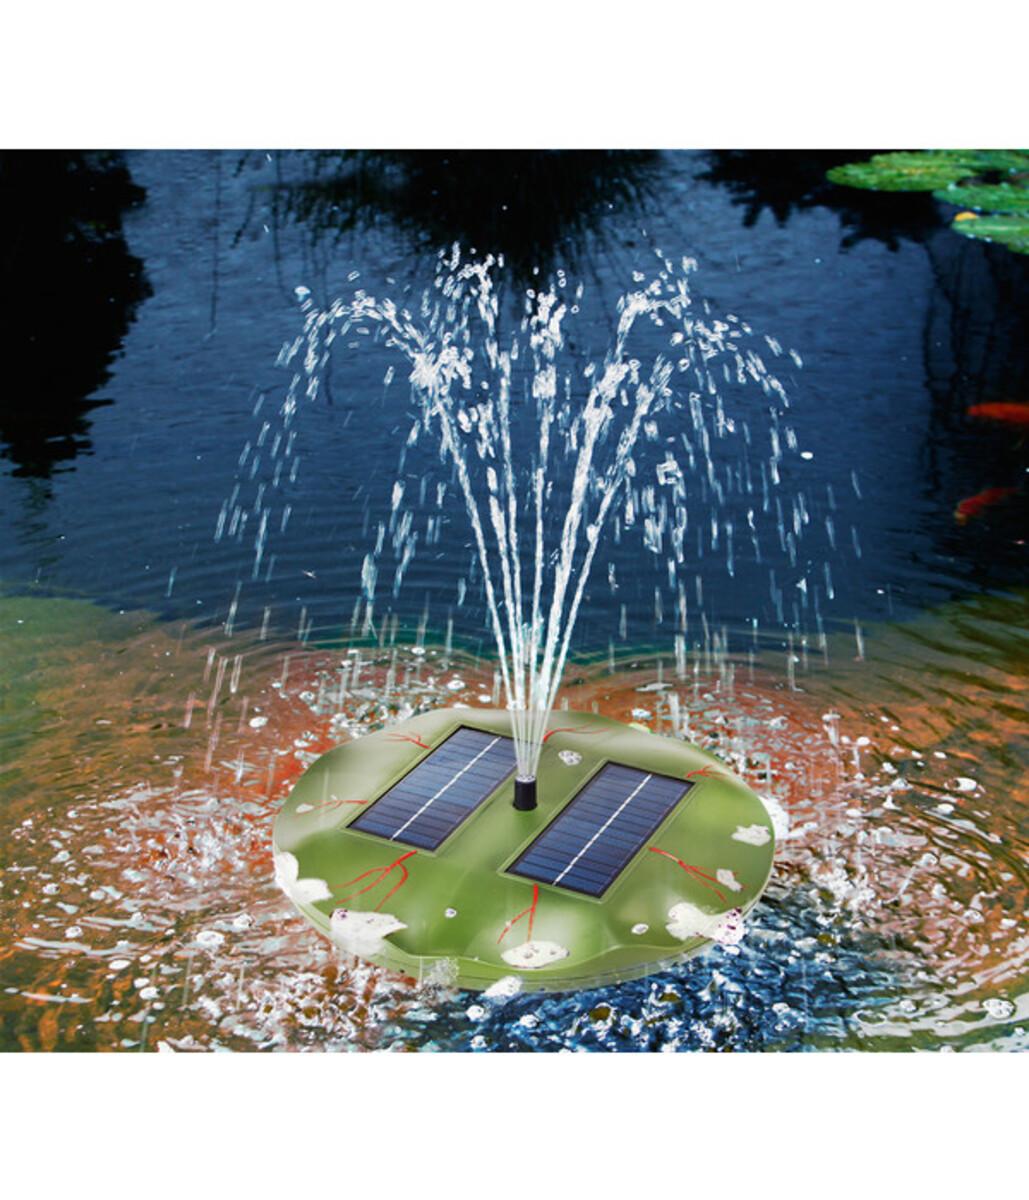 Bild 3 von Esotec Solarpumpe Seerose für den Gartenteich